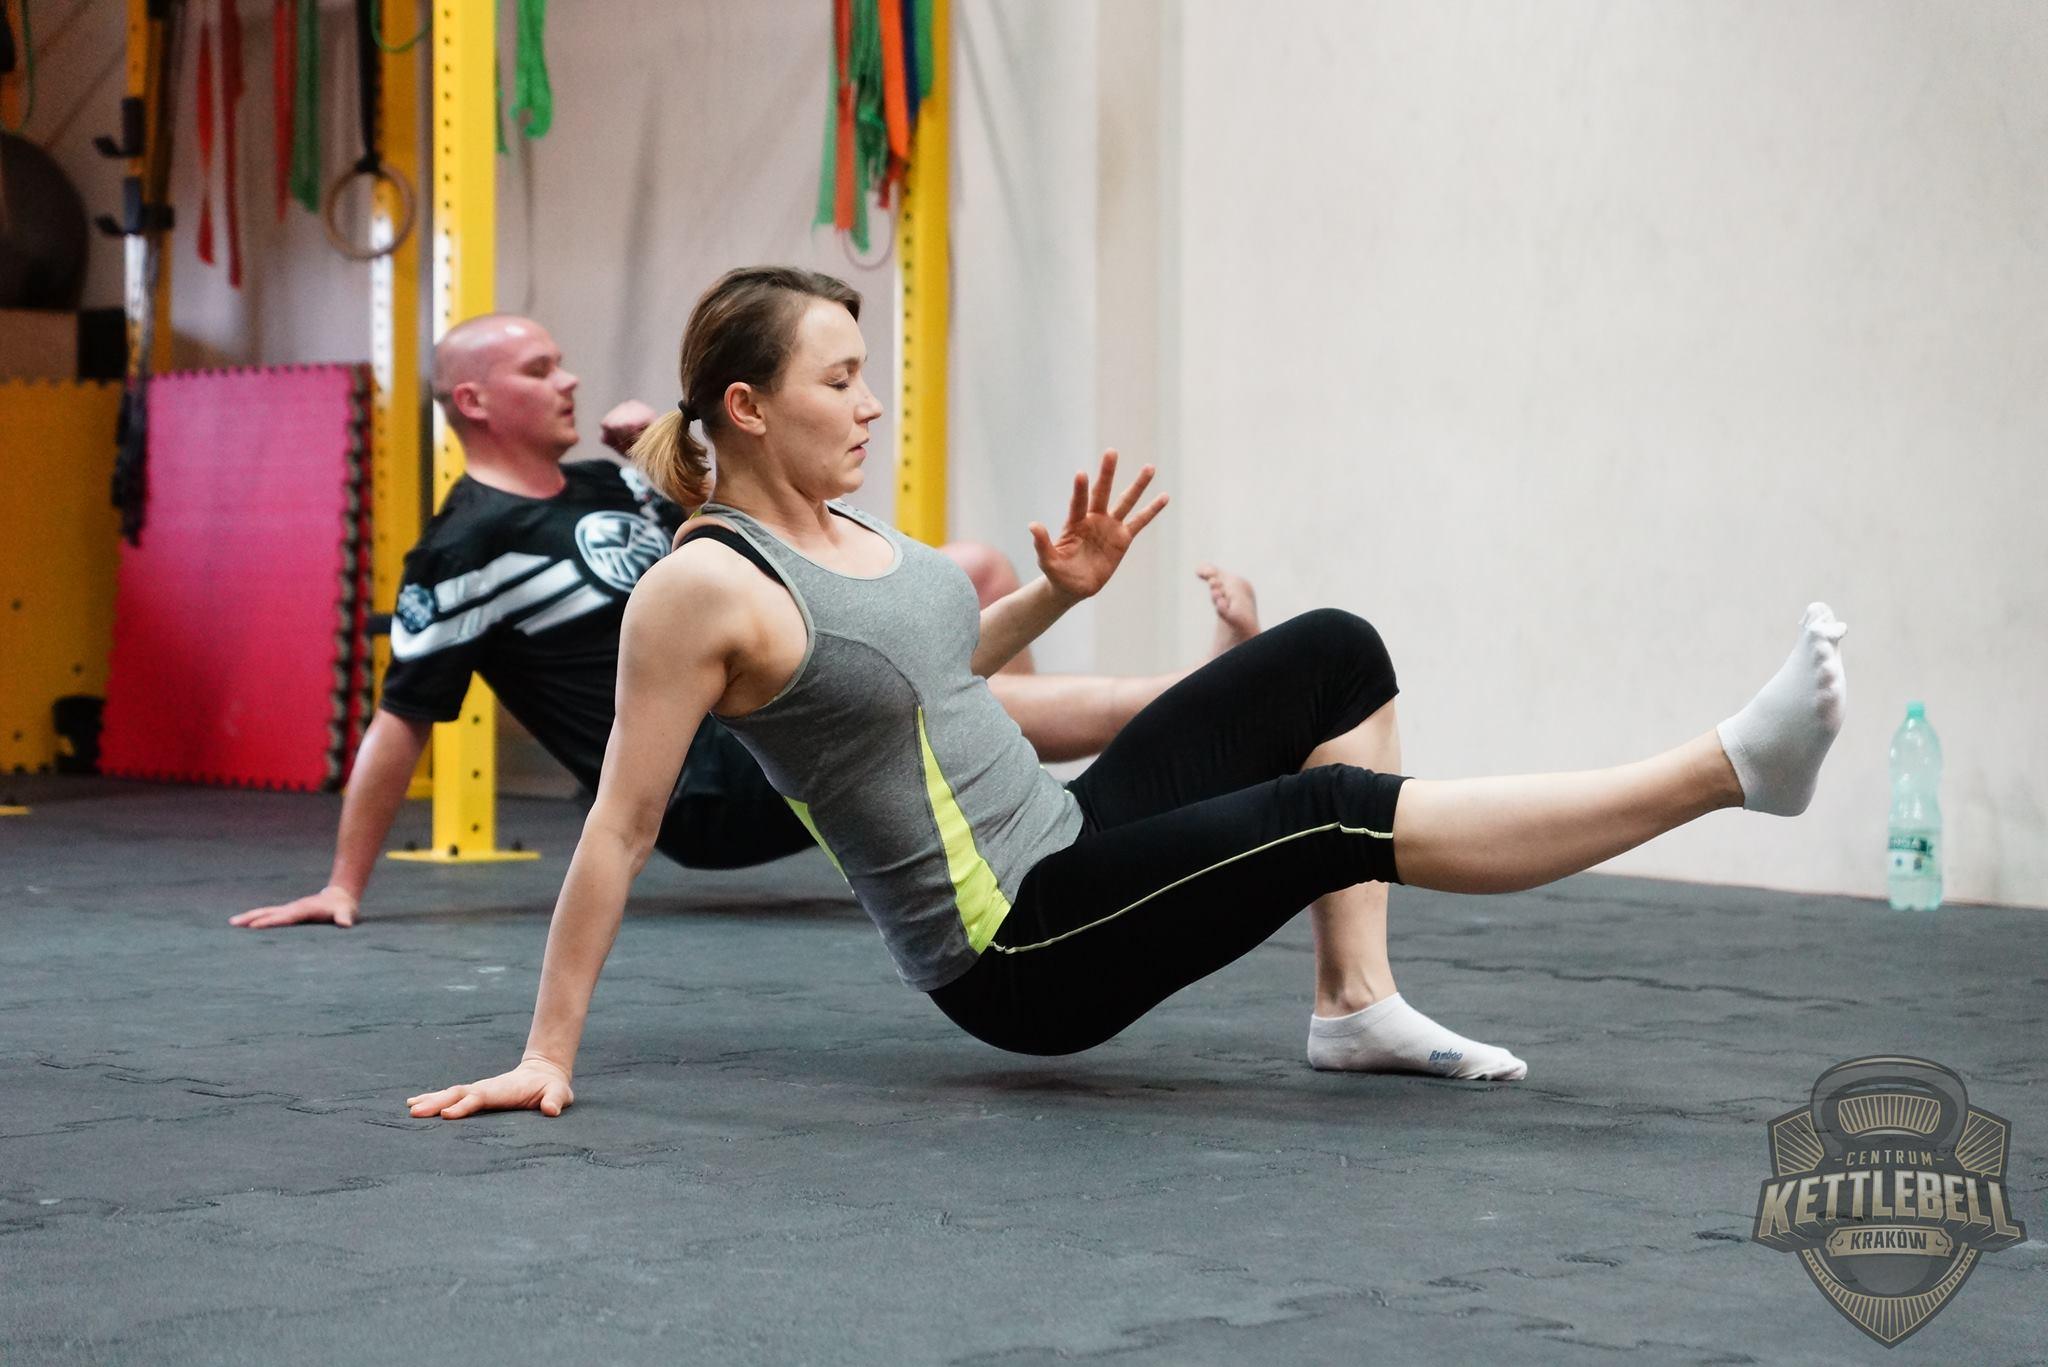 centrum_kettlebell_kraków_trening_mobility